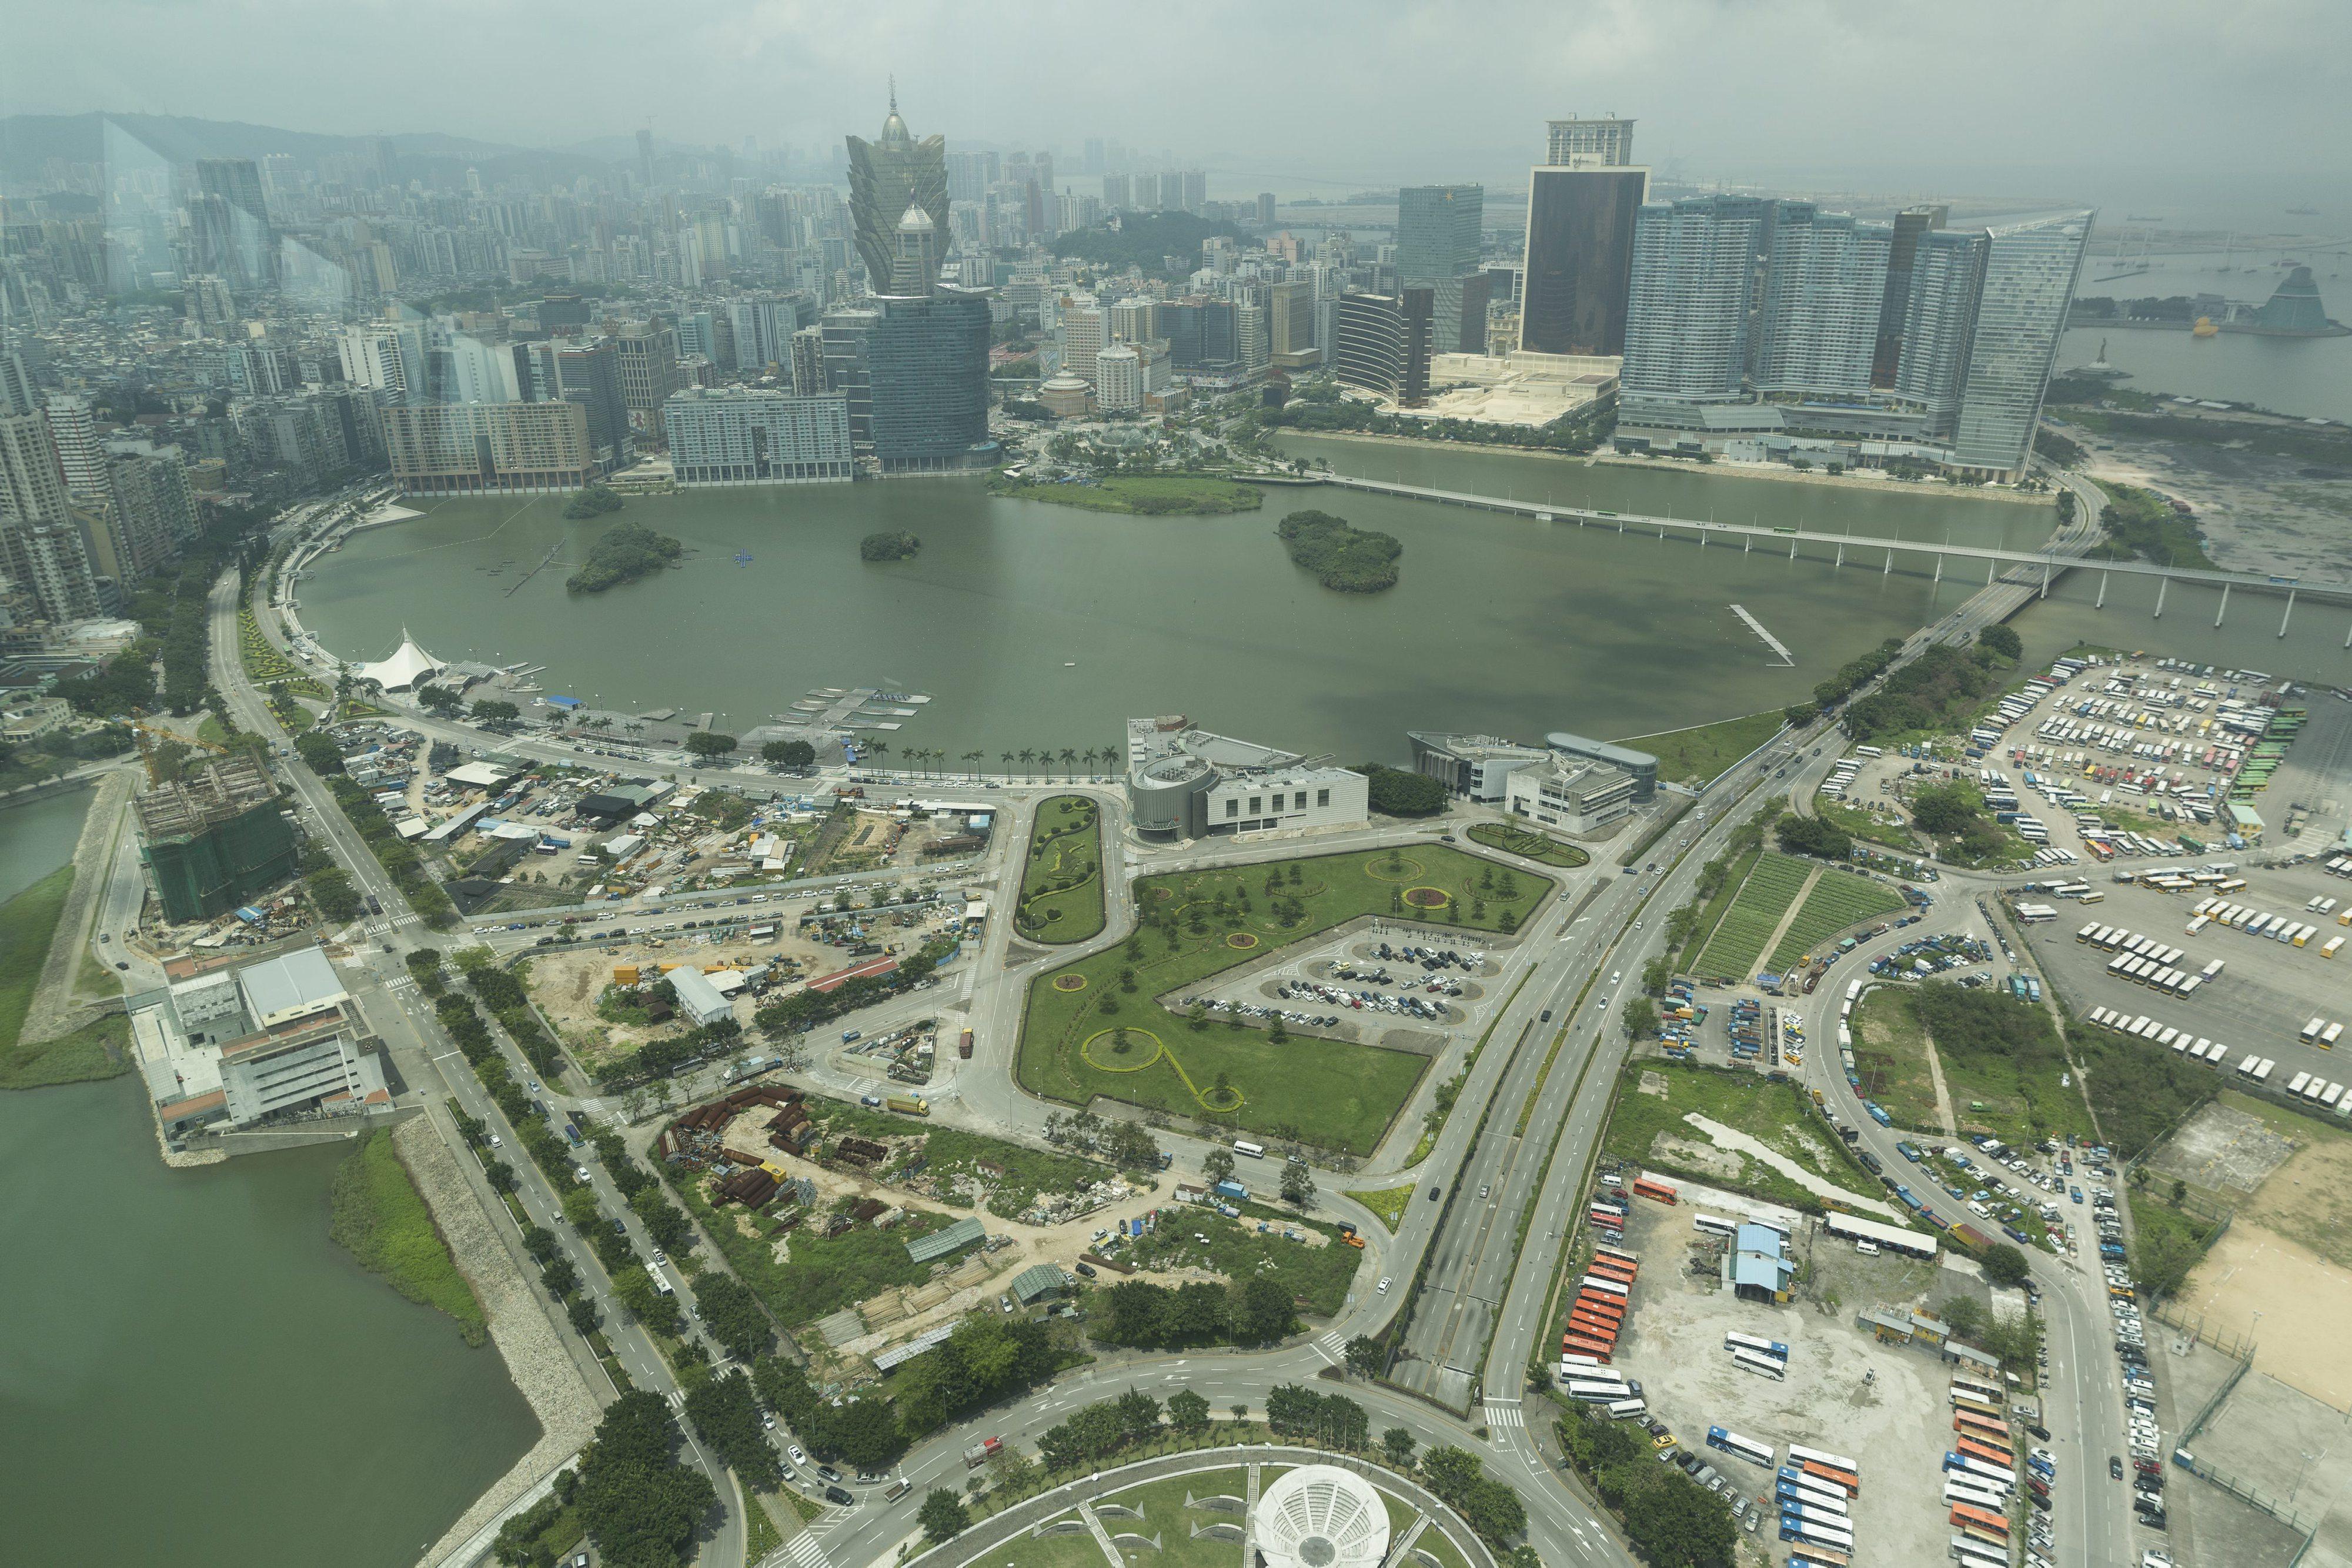 Detidos dois agentes de Macau por alegado esquema de entrada de imigrantes ilegais